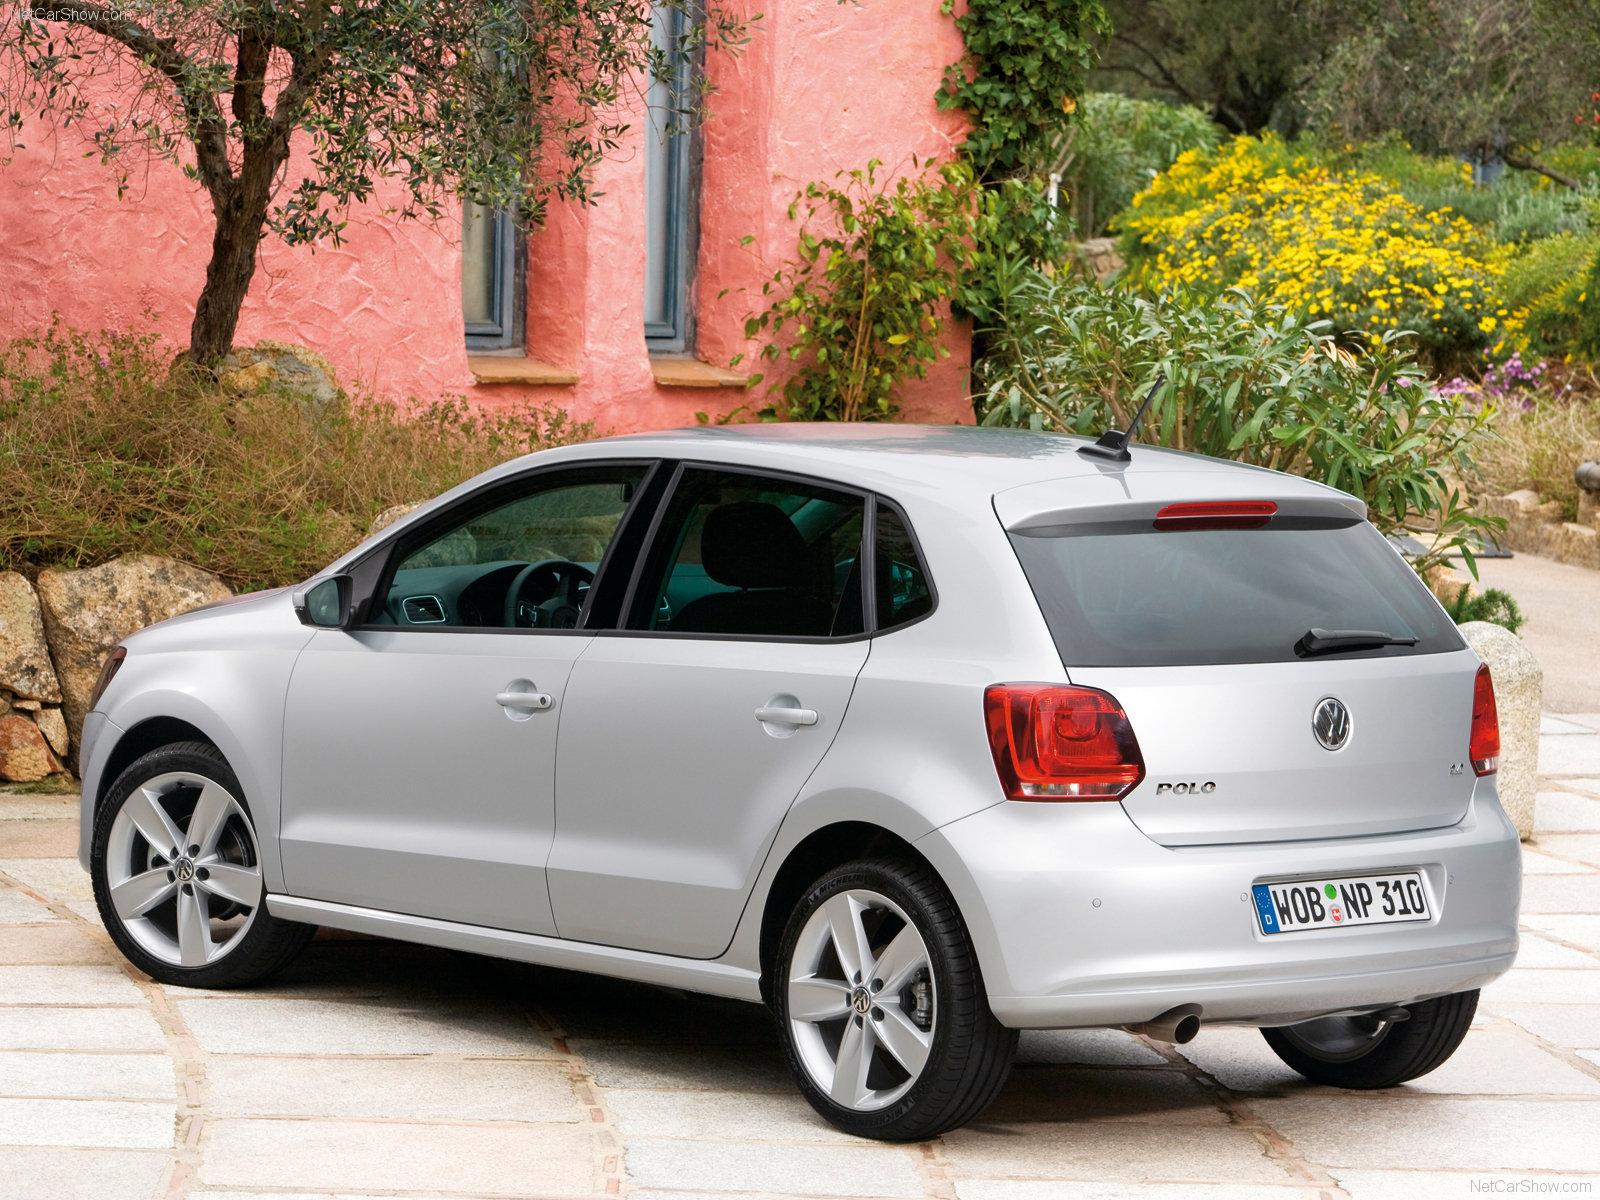 Volkswagen-Polo-2010-1600-3e.jpg